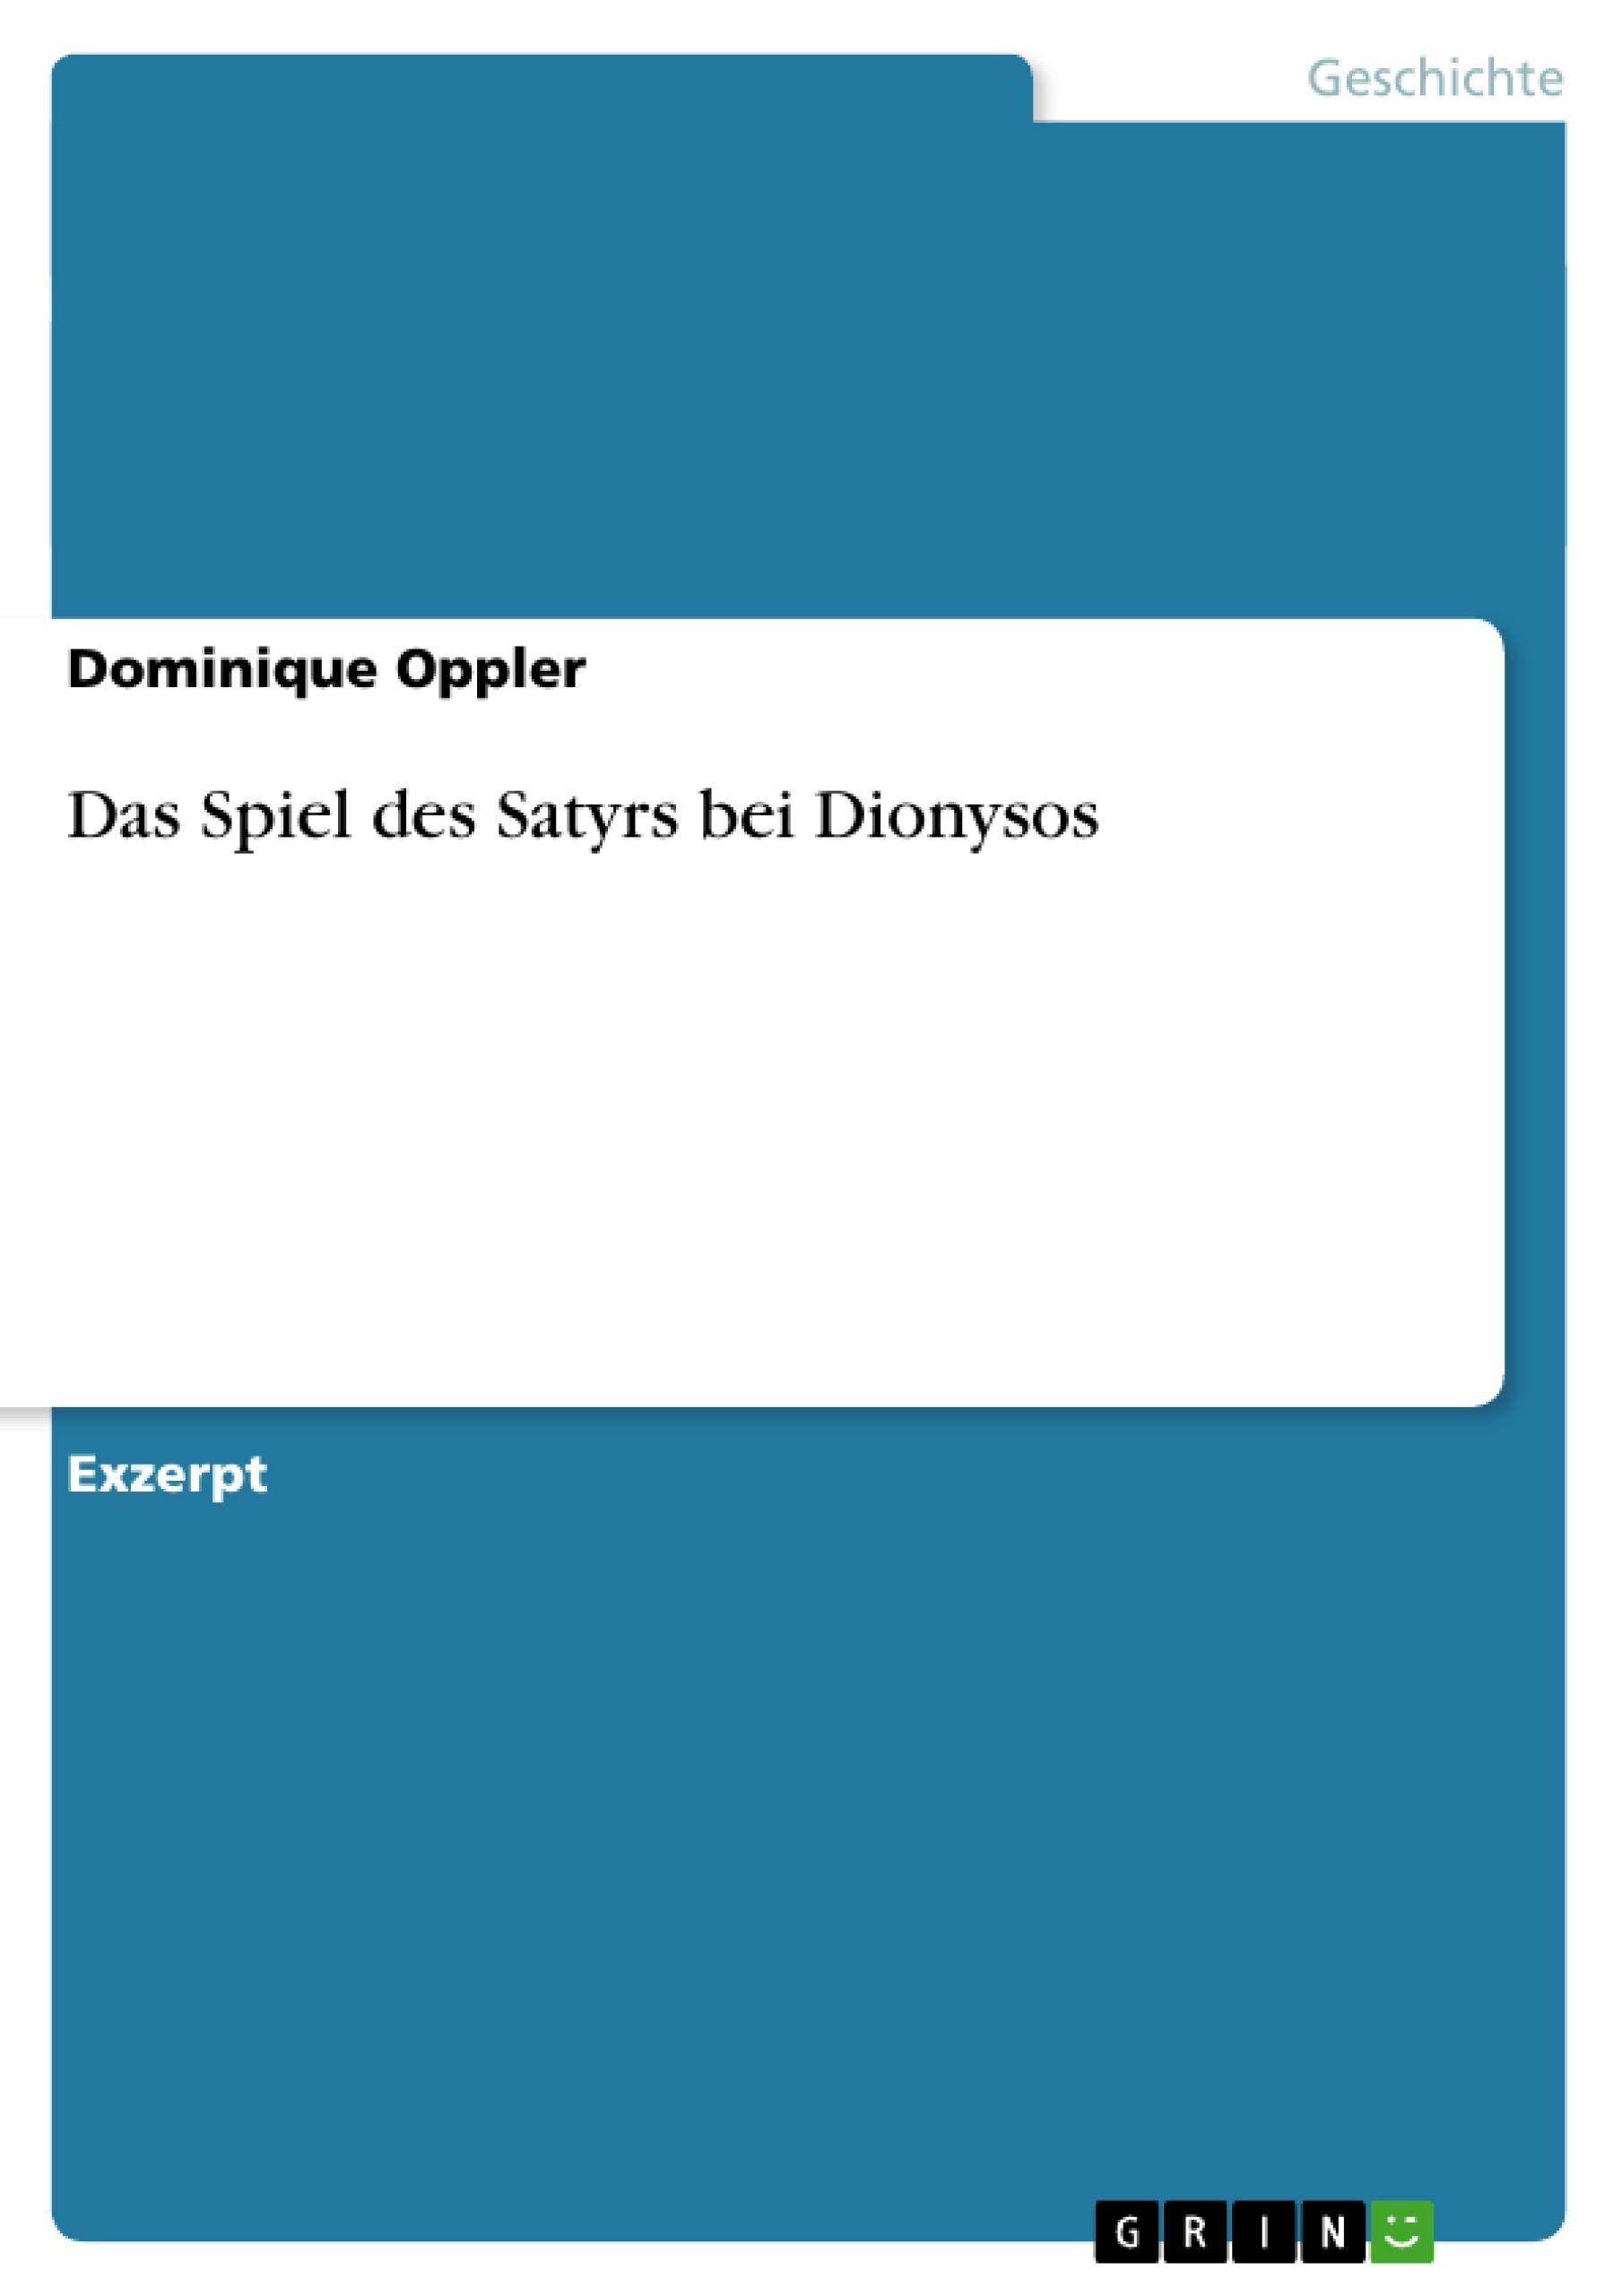 Titel: Das Spiel des Satyrs bei Dionysos